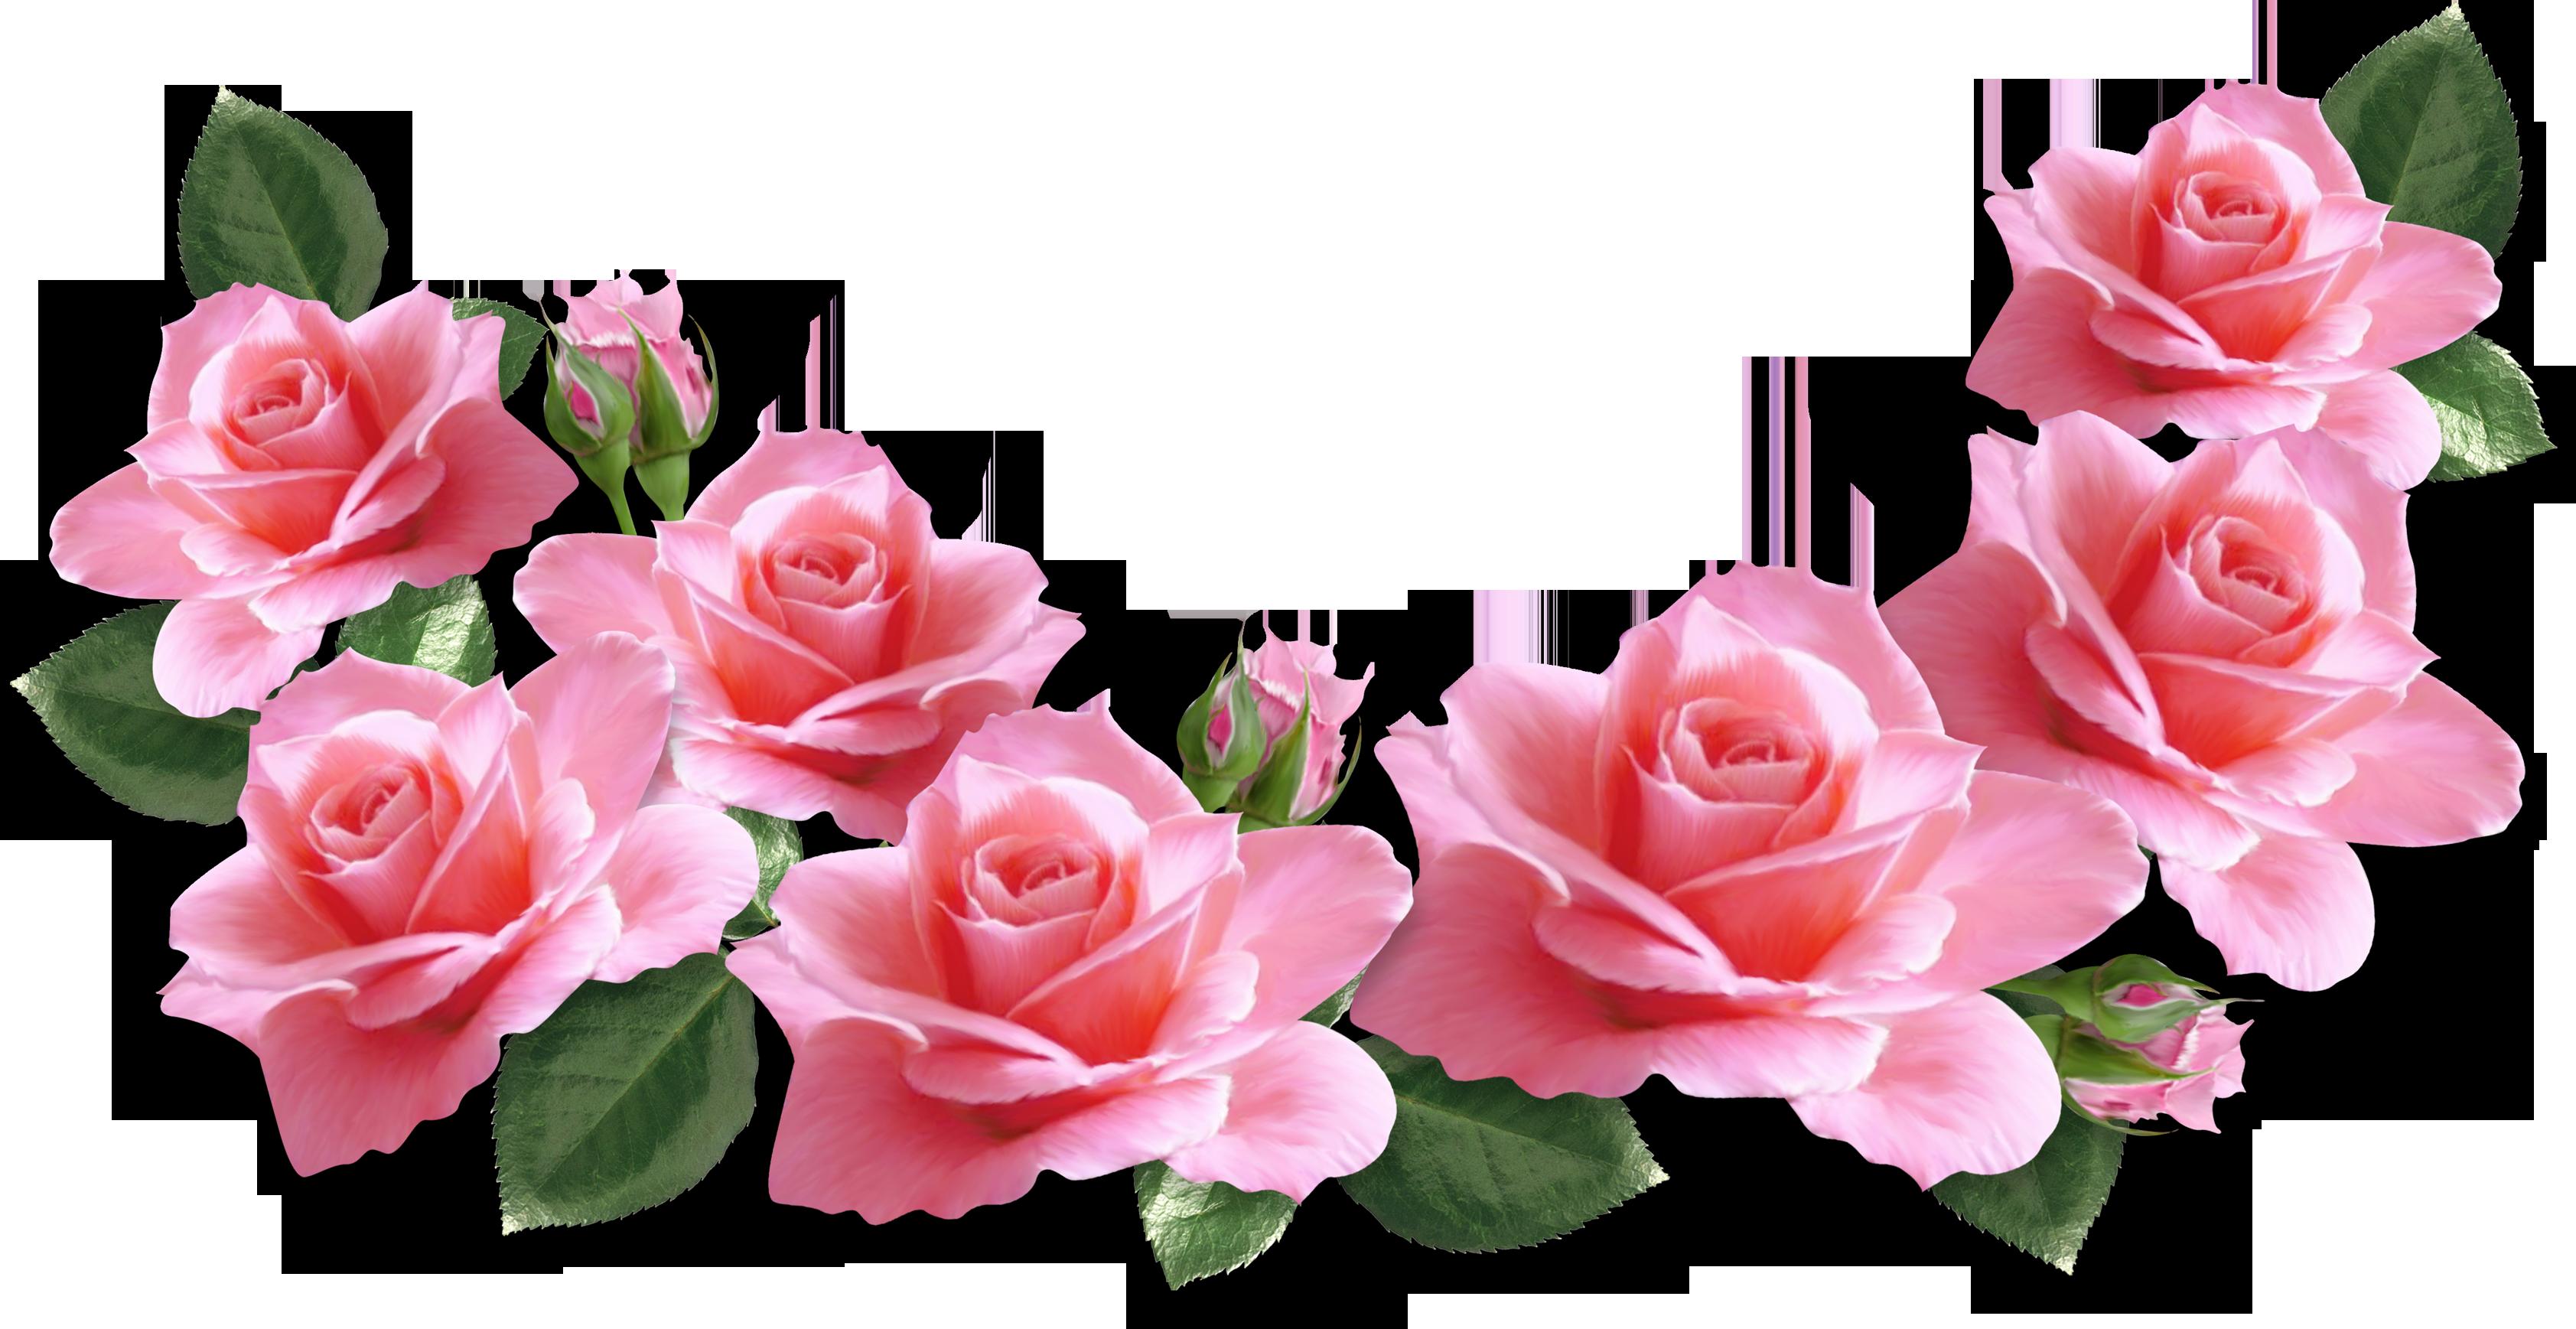 tren 11 bunga vintage png gambar bunga tren 11 bunga vintage png gambar bunga